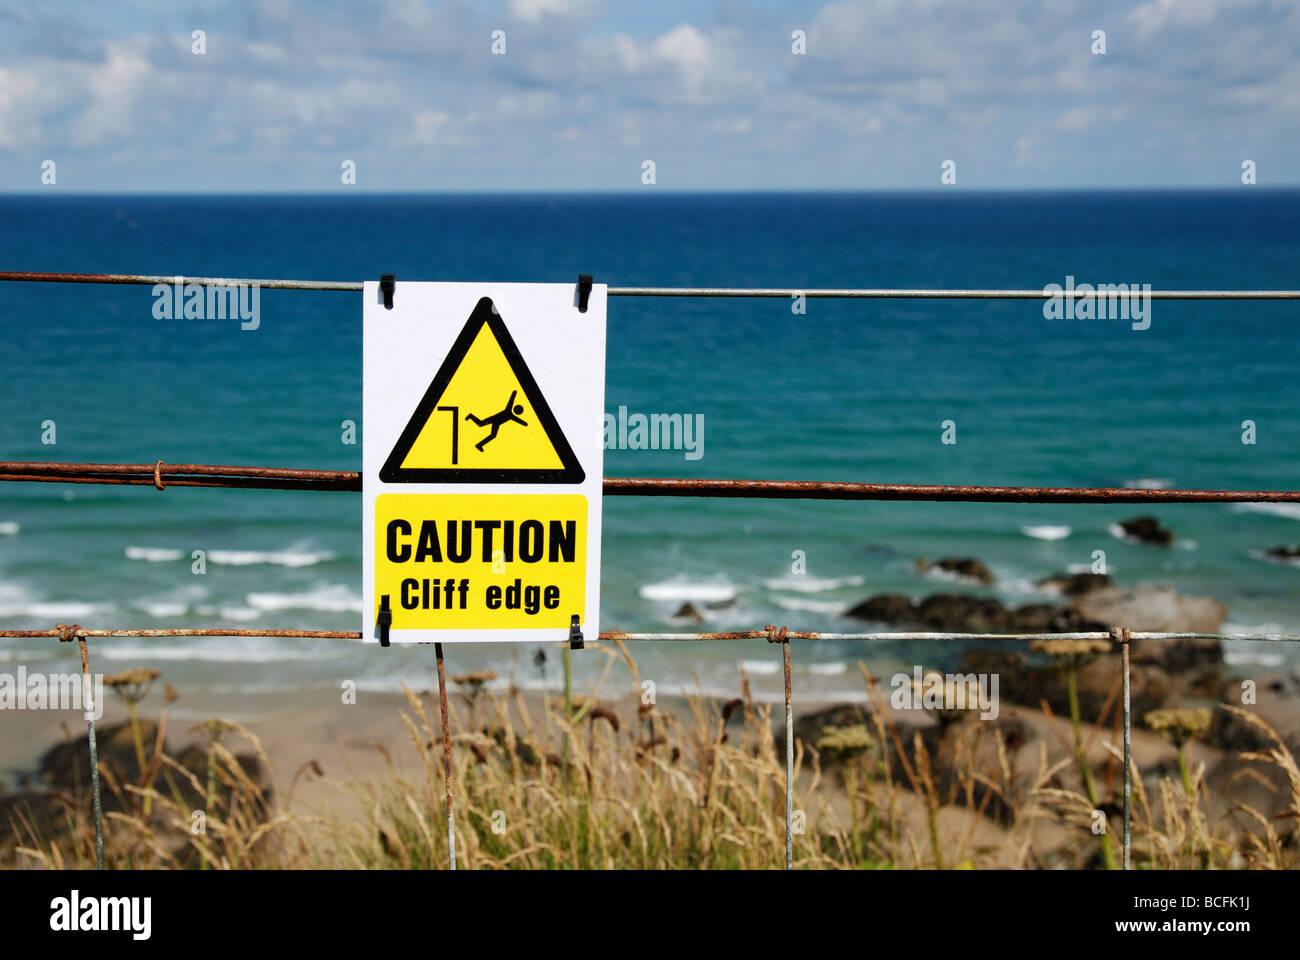 a warning sign above the coastal cliffs at newquay,cornwall,uk - Stock Image